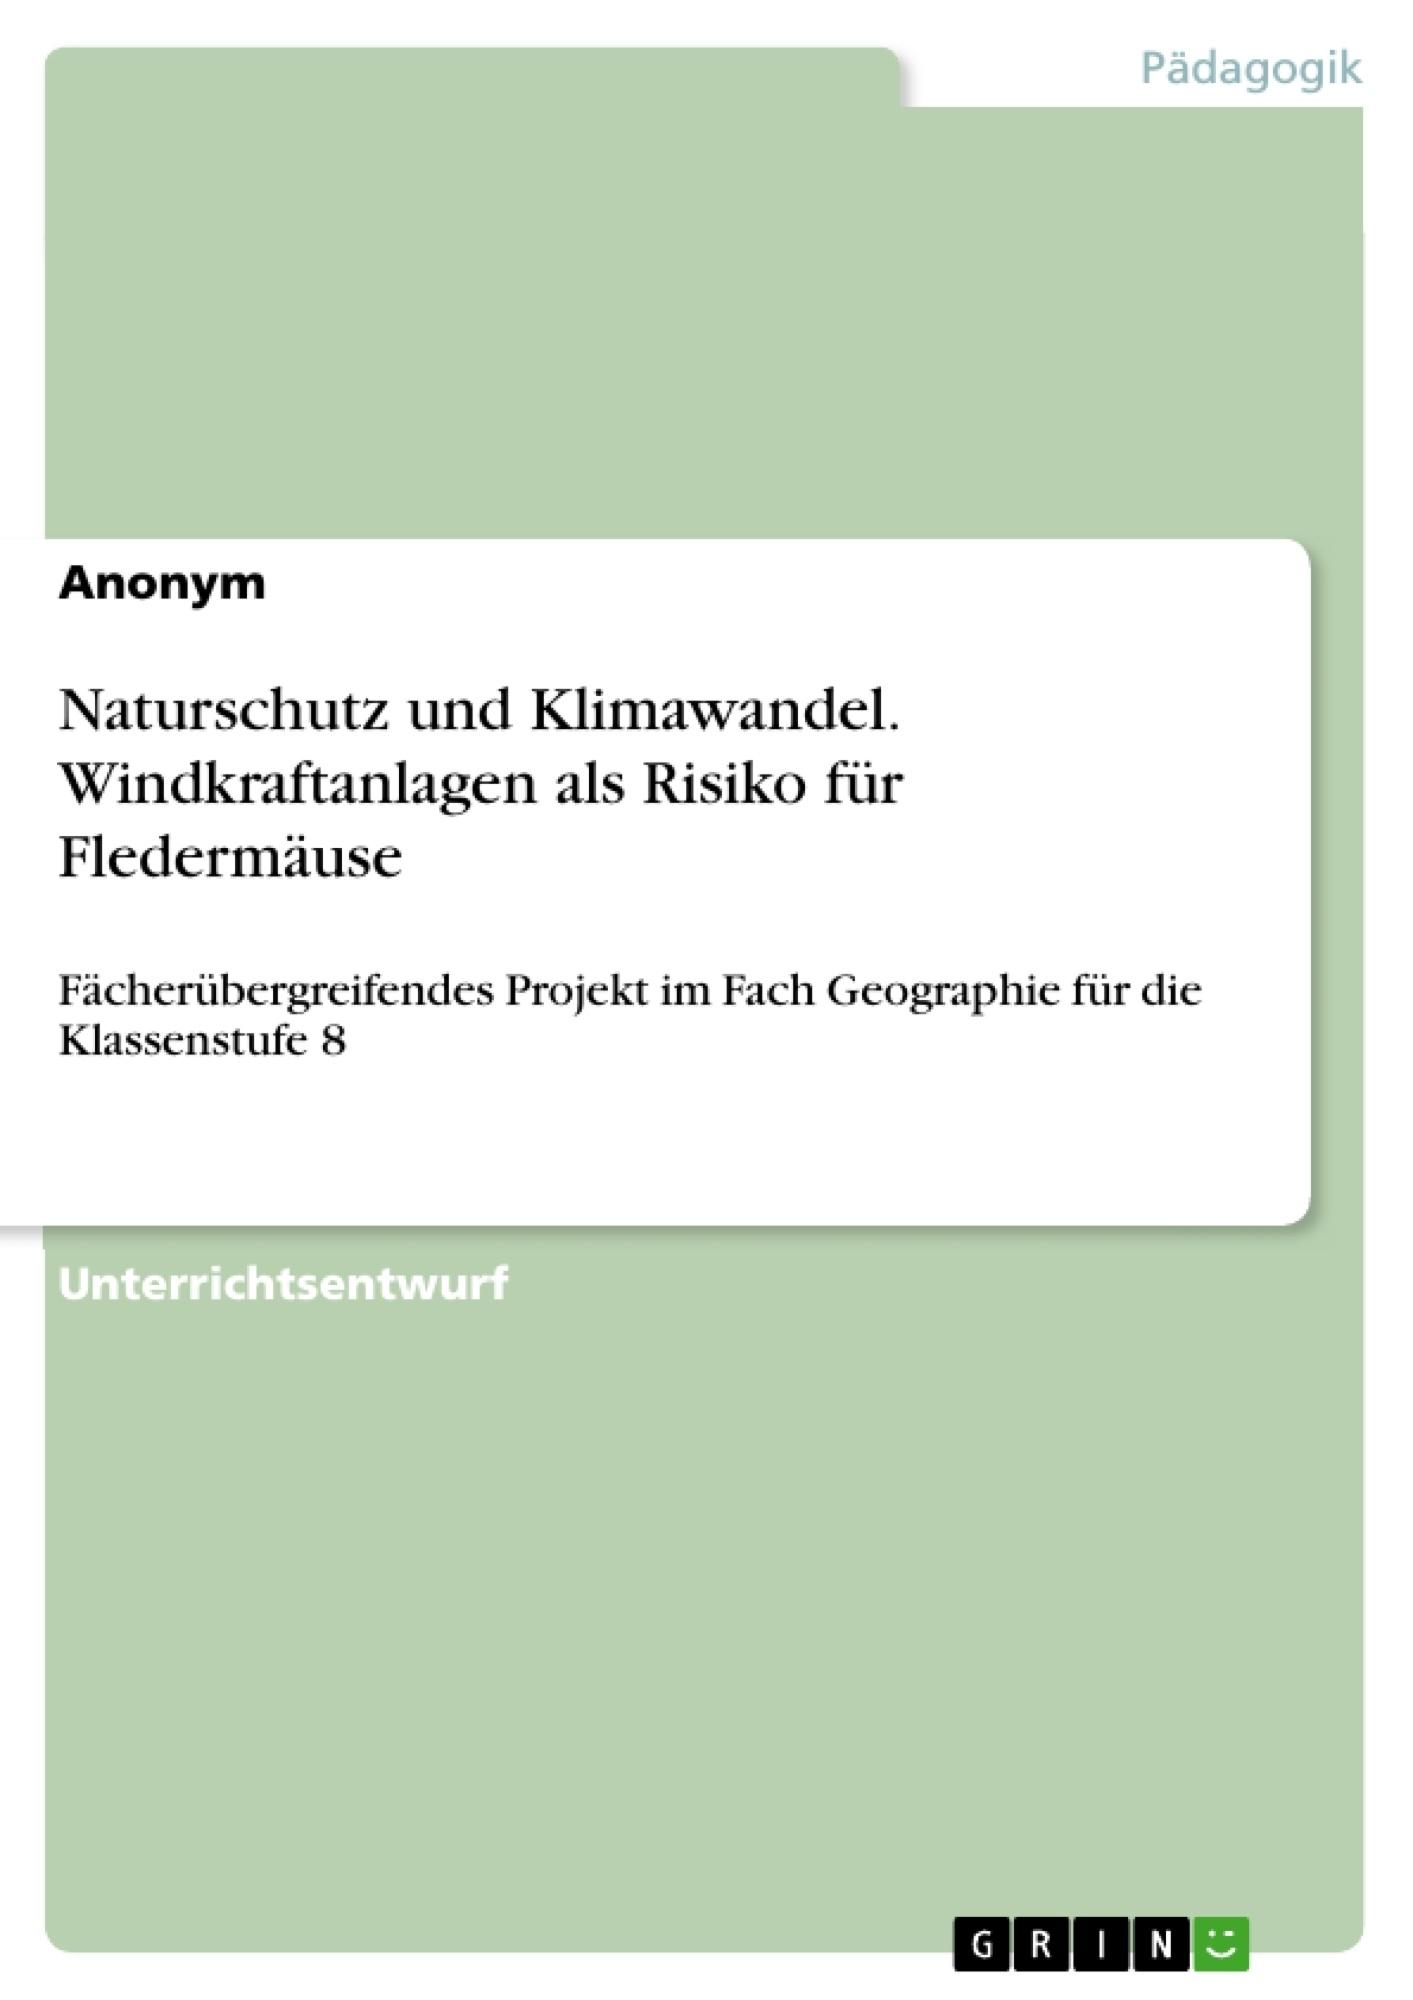 Titel: Naturschutz und Klimawandel. Windkraftanlagen als Risiko für Fledermäuse